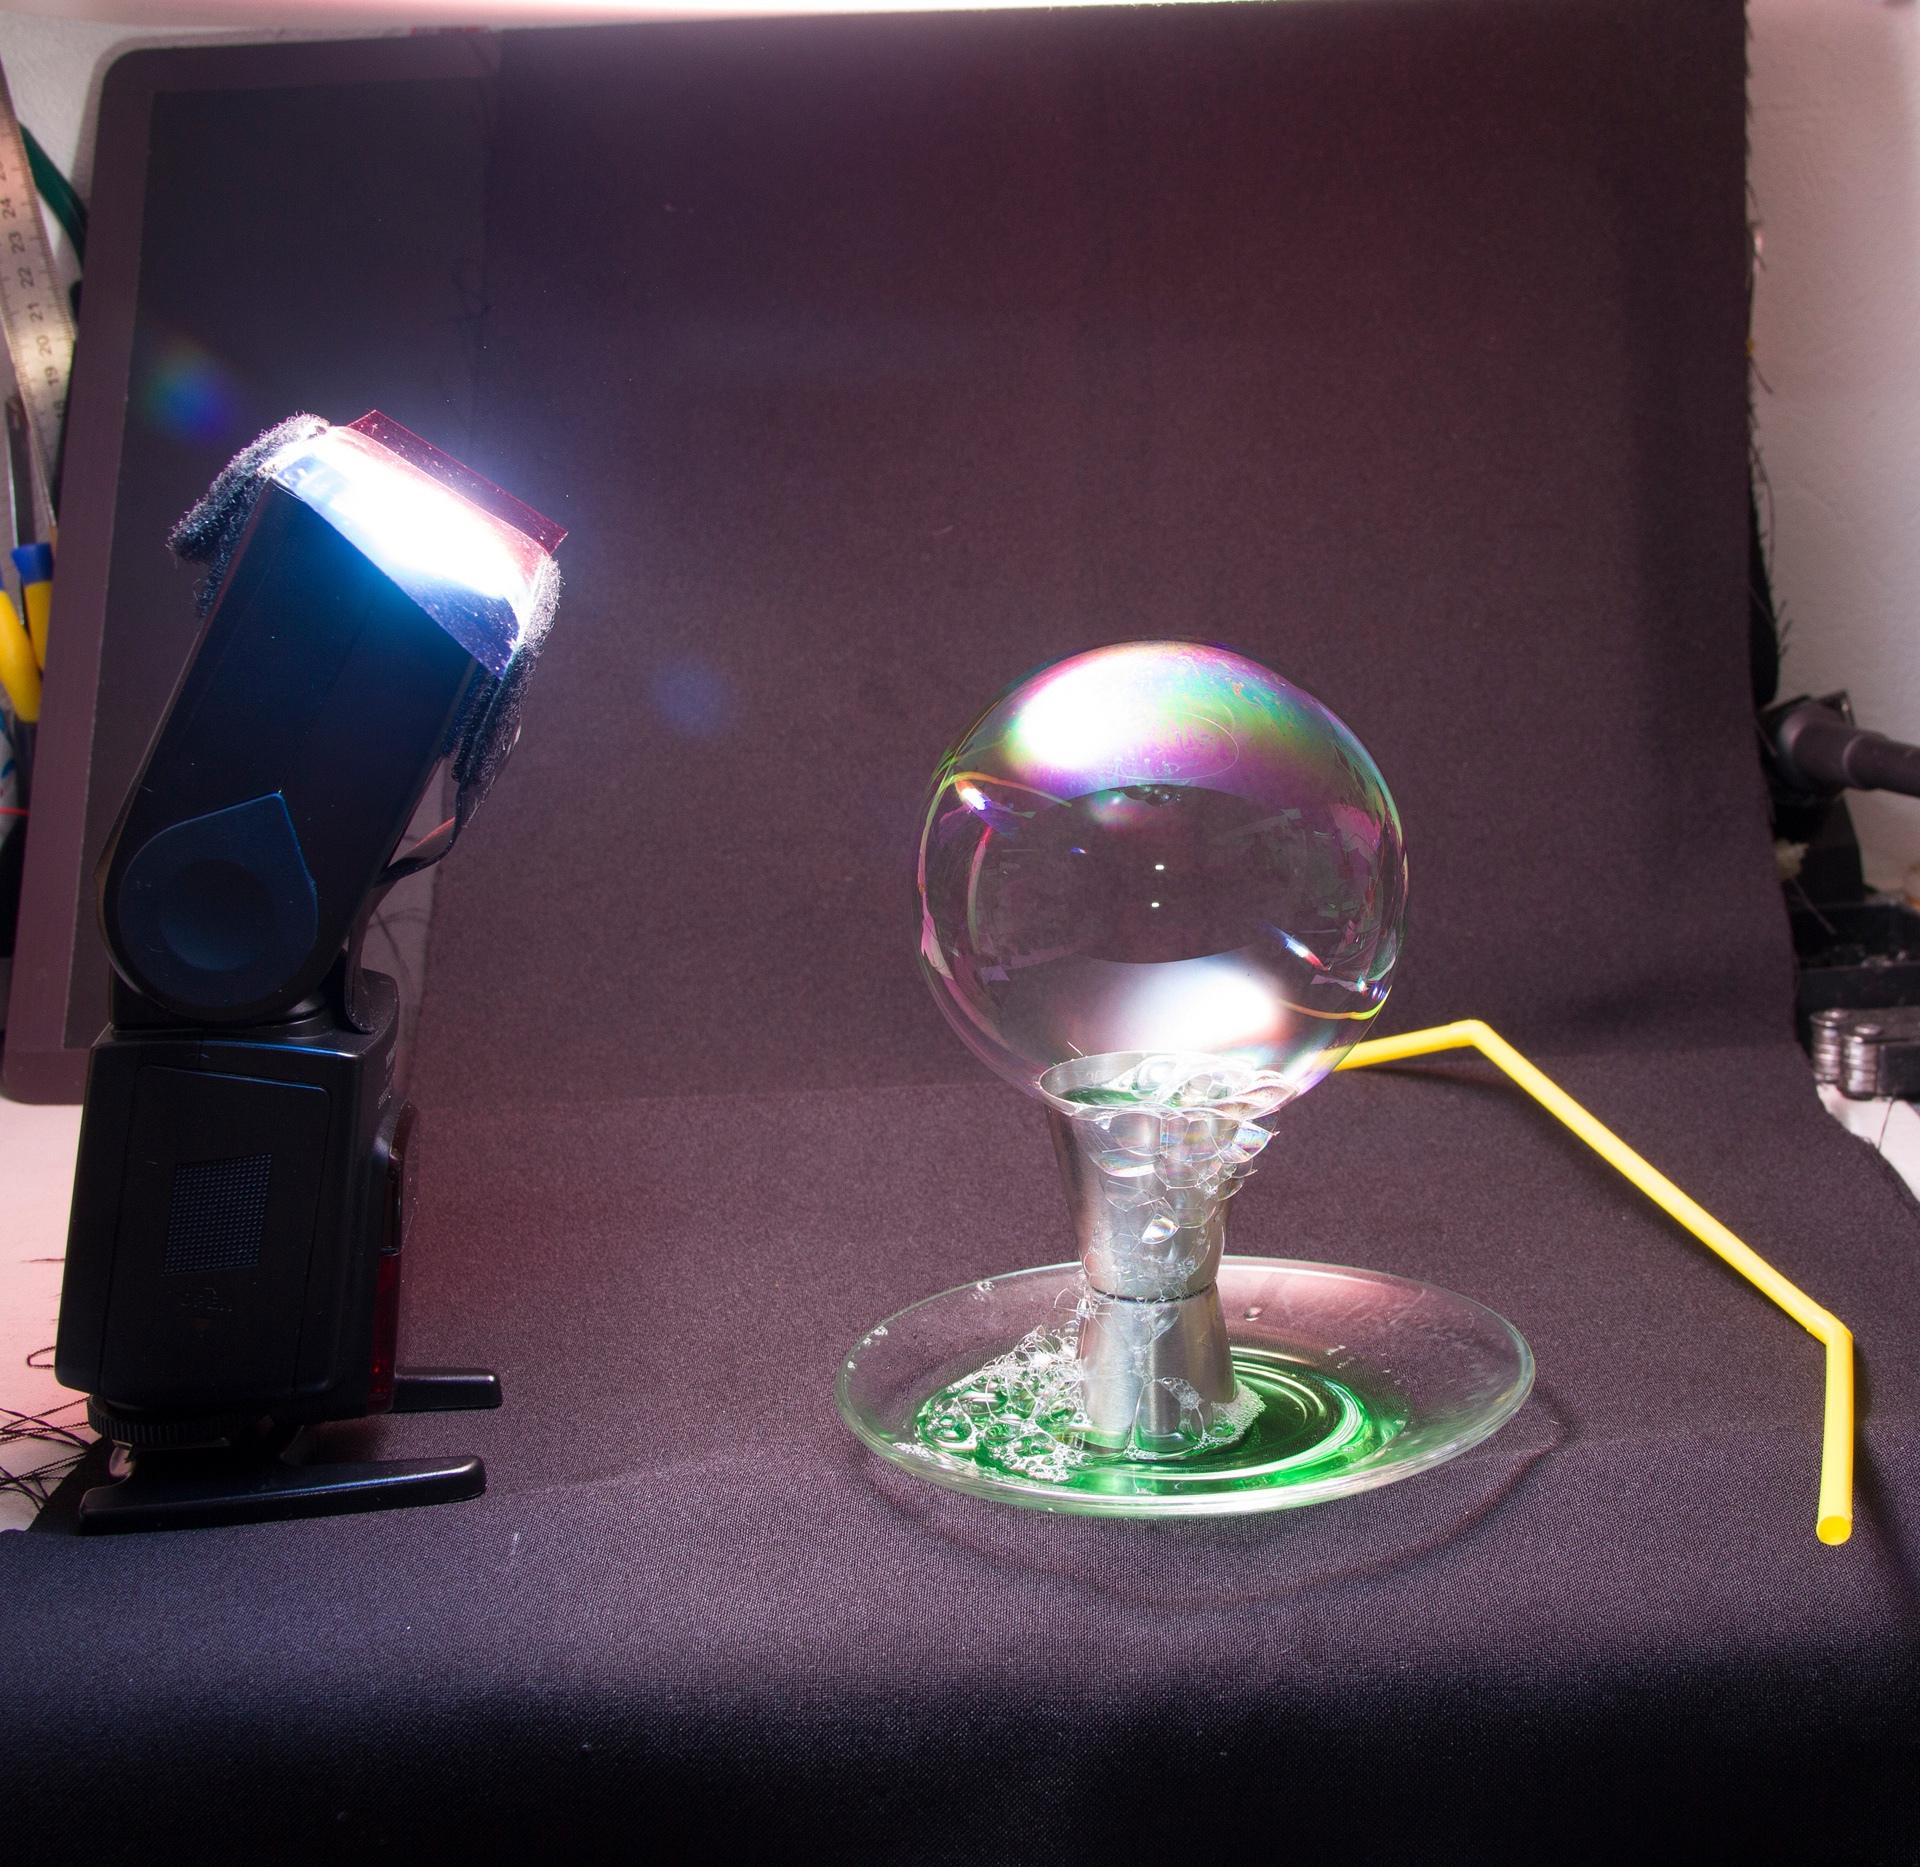 Поверхность мыльных пузырей похожа на фотографии планет